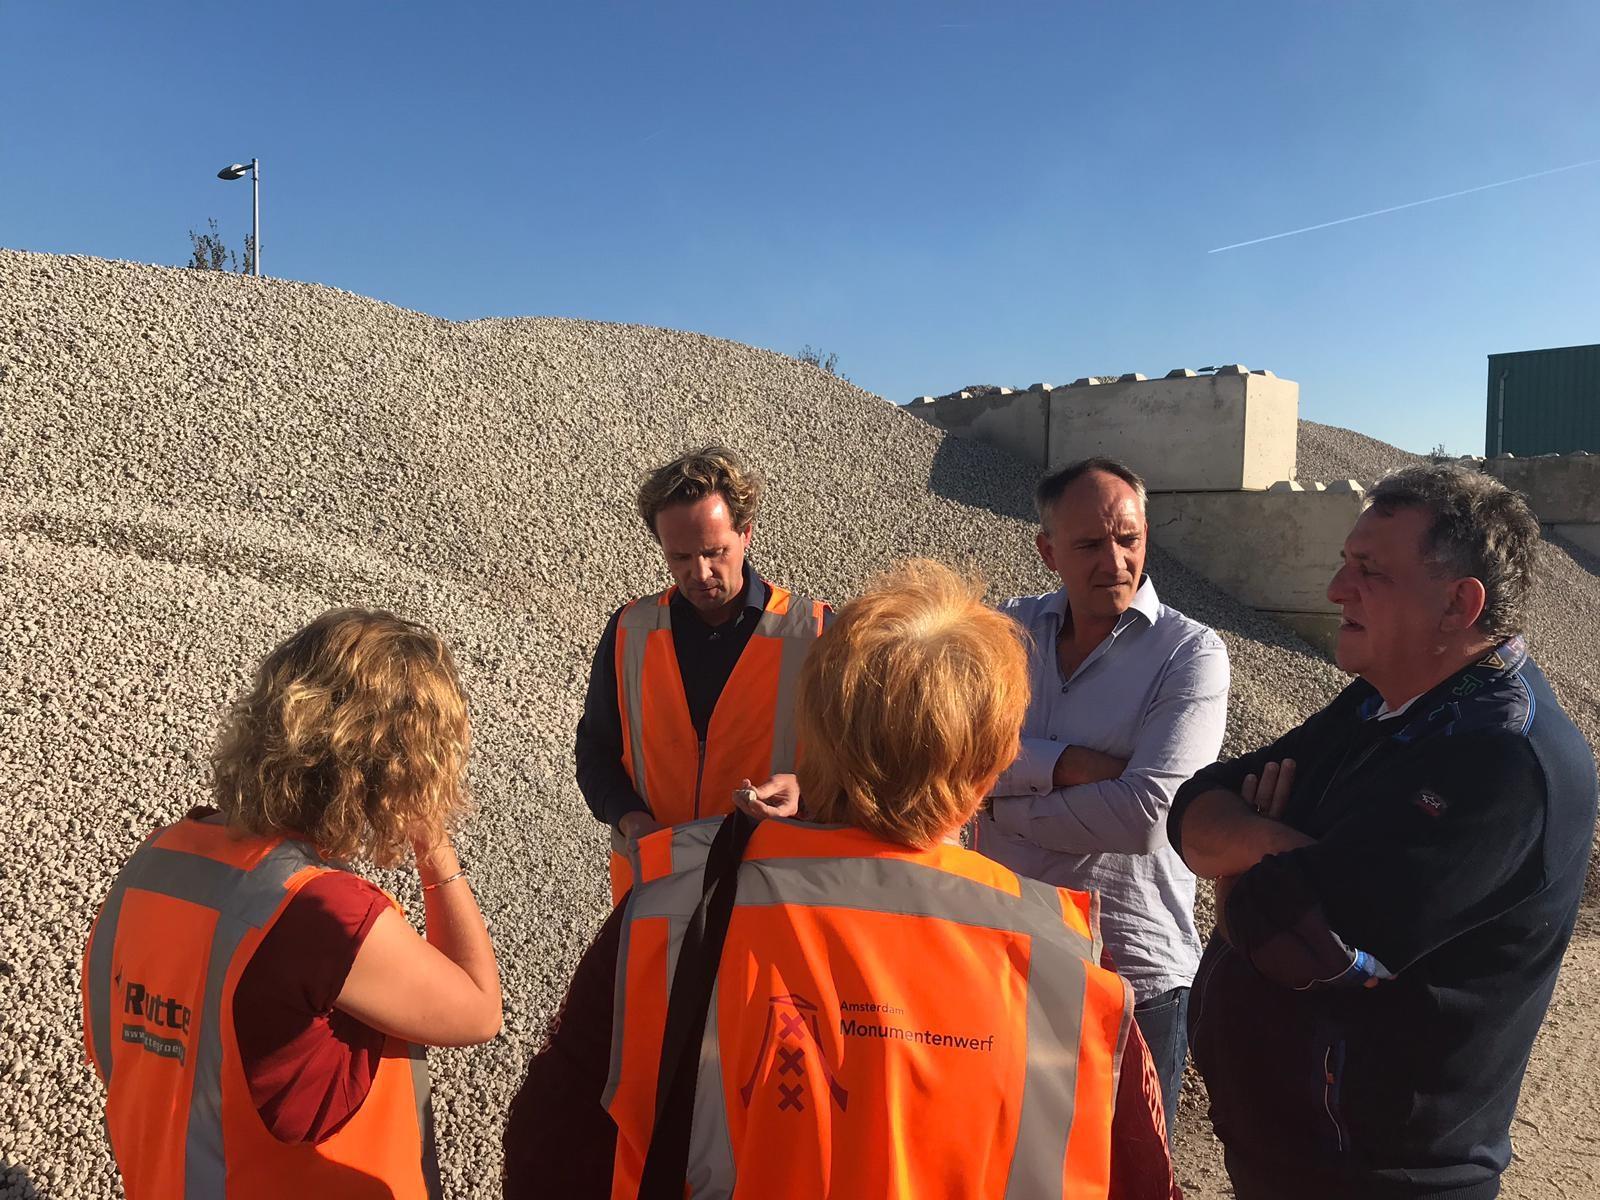 Bezoek van Groenlinks aan Duurzaamheidsprijswinnaar de Rutte Groep. (Foto: aangeleverd)